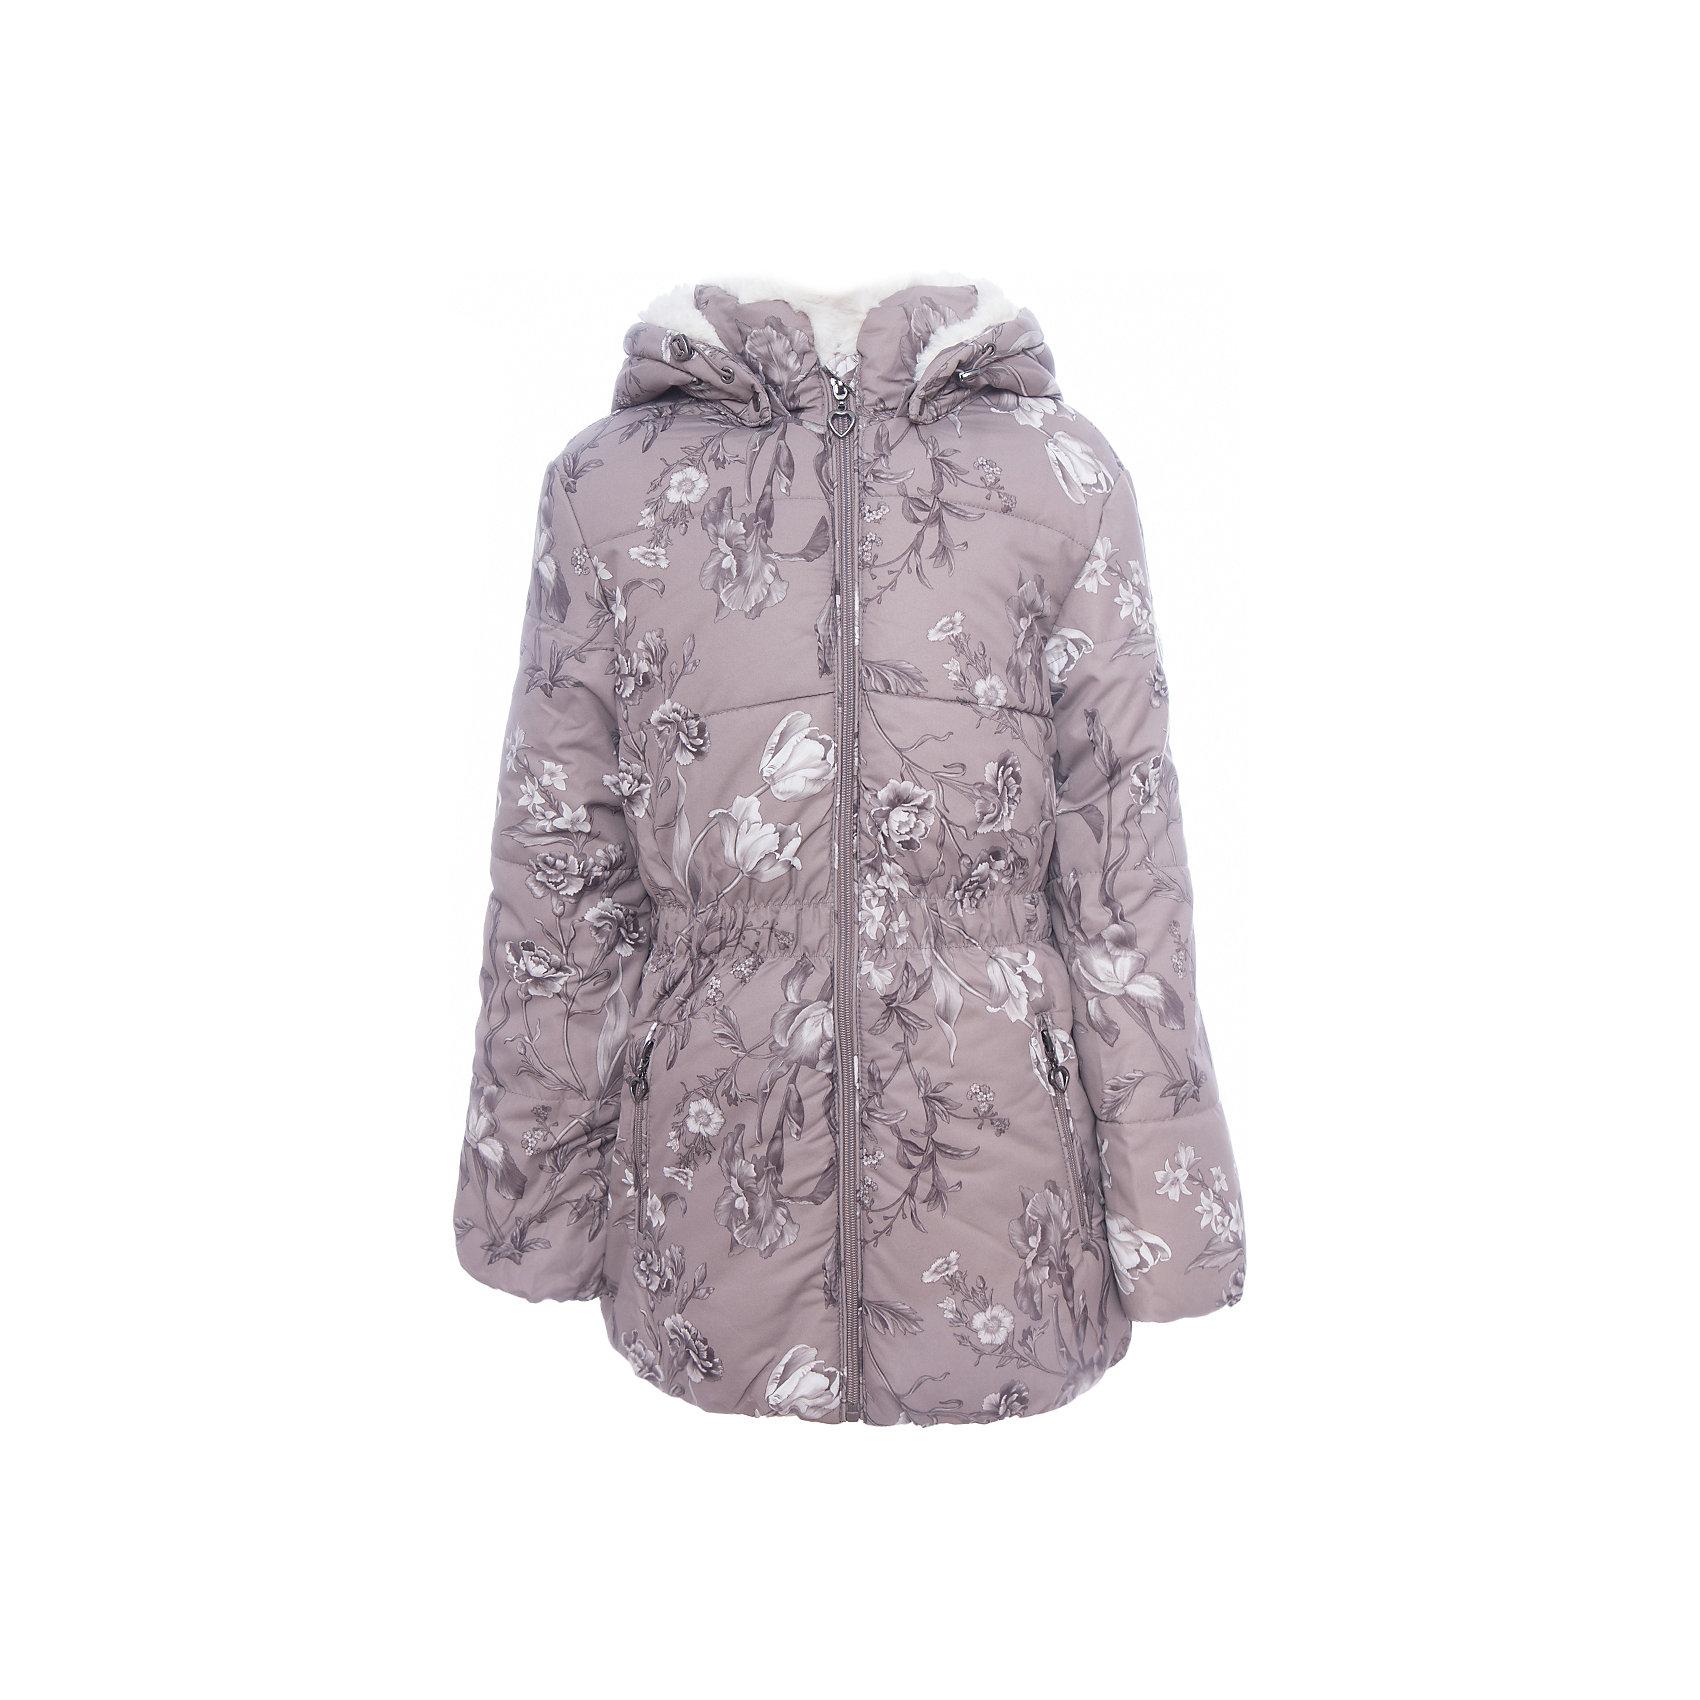 Куртка SELA для девочкиВерхняя одежда<br>Характеристики товара:<br><br>• цвет: коричневый<br>• ткань верха: 100% полиэстер<br>• подкладка: 100% полиэстер<br>• утеплитель: 100% полиэстер<br>• сезон: демисезон<br>• температурный режим: от - 10 до +10<br>• капюшон: с мехом, съемный<br>• застежка: молния<br>• страна бренда: Россия<br>• страна изготовитель: Китай<br><br>Куртка для девочки Sela дополнена удобным капюшоном и карманами. Детская куртка сшита из качественного материала. Демисезонная куртка была разработана специально для детей. Чтобы обеспечить ребенку тепло и комфорт, можно надеть теплую куртку для девочки от Sela. <br><br>Куртку Sela (Села) для девочки можно купить в нашем интернет- магазине.<br><br>Ширина мм: 356<br>Глубина мм: 10<br>Высота мм: 245<br>Вес г: 519<br>Цвет: бежевый<br>Возраст от месяцев: 72<br>Возраст до месяцев: 84<br>Пол: Женский<br>Возраст: Детский<br>Размер: 122,152,140,128<br>SKU: 7136678